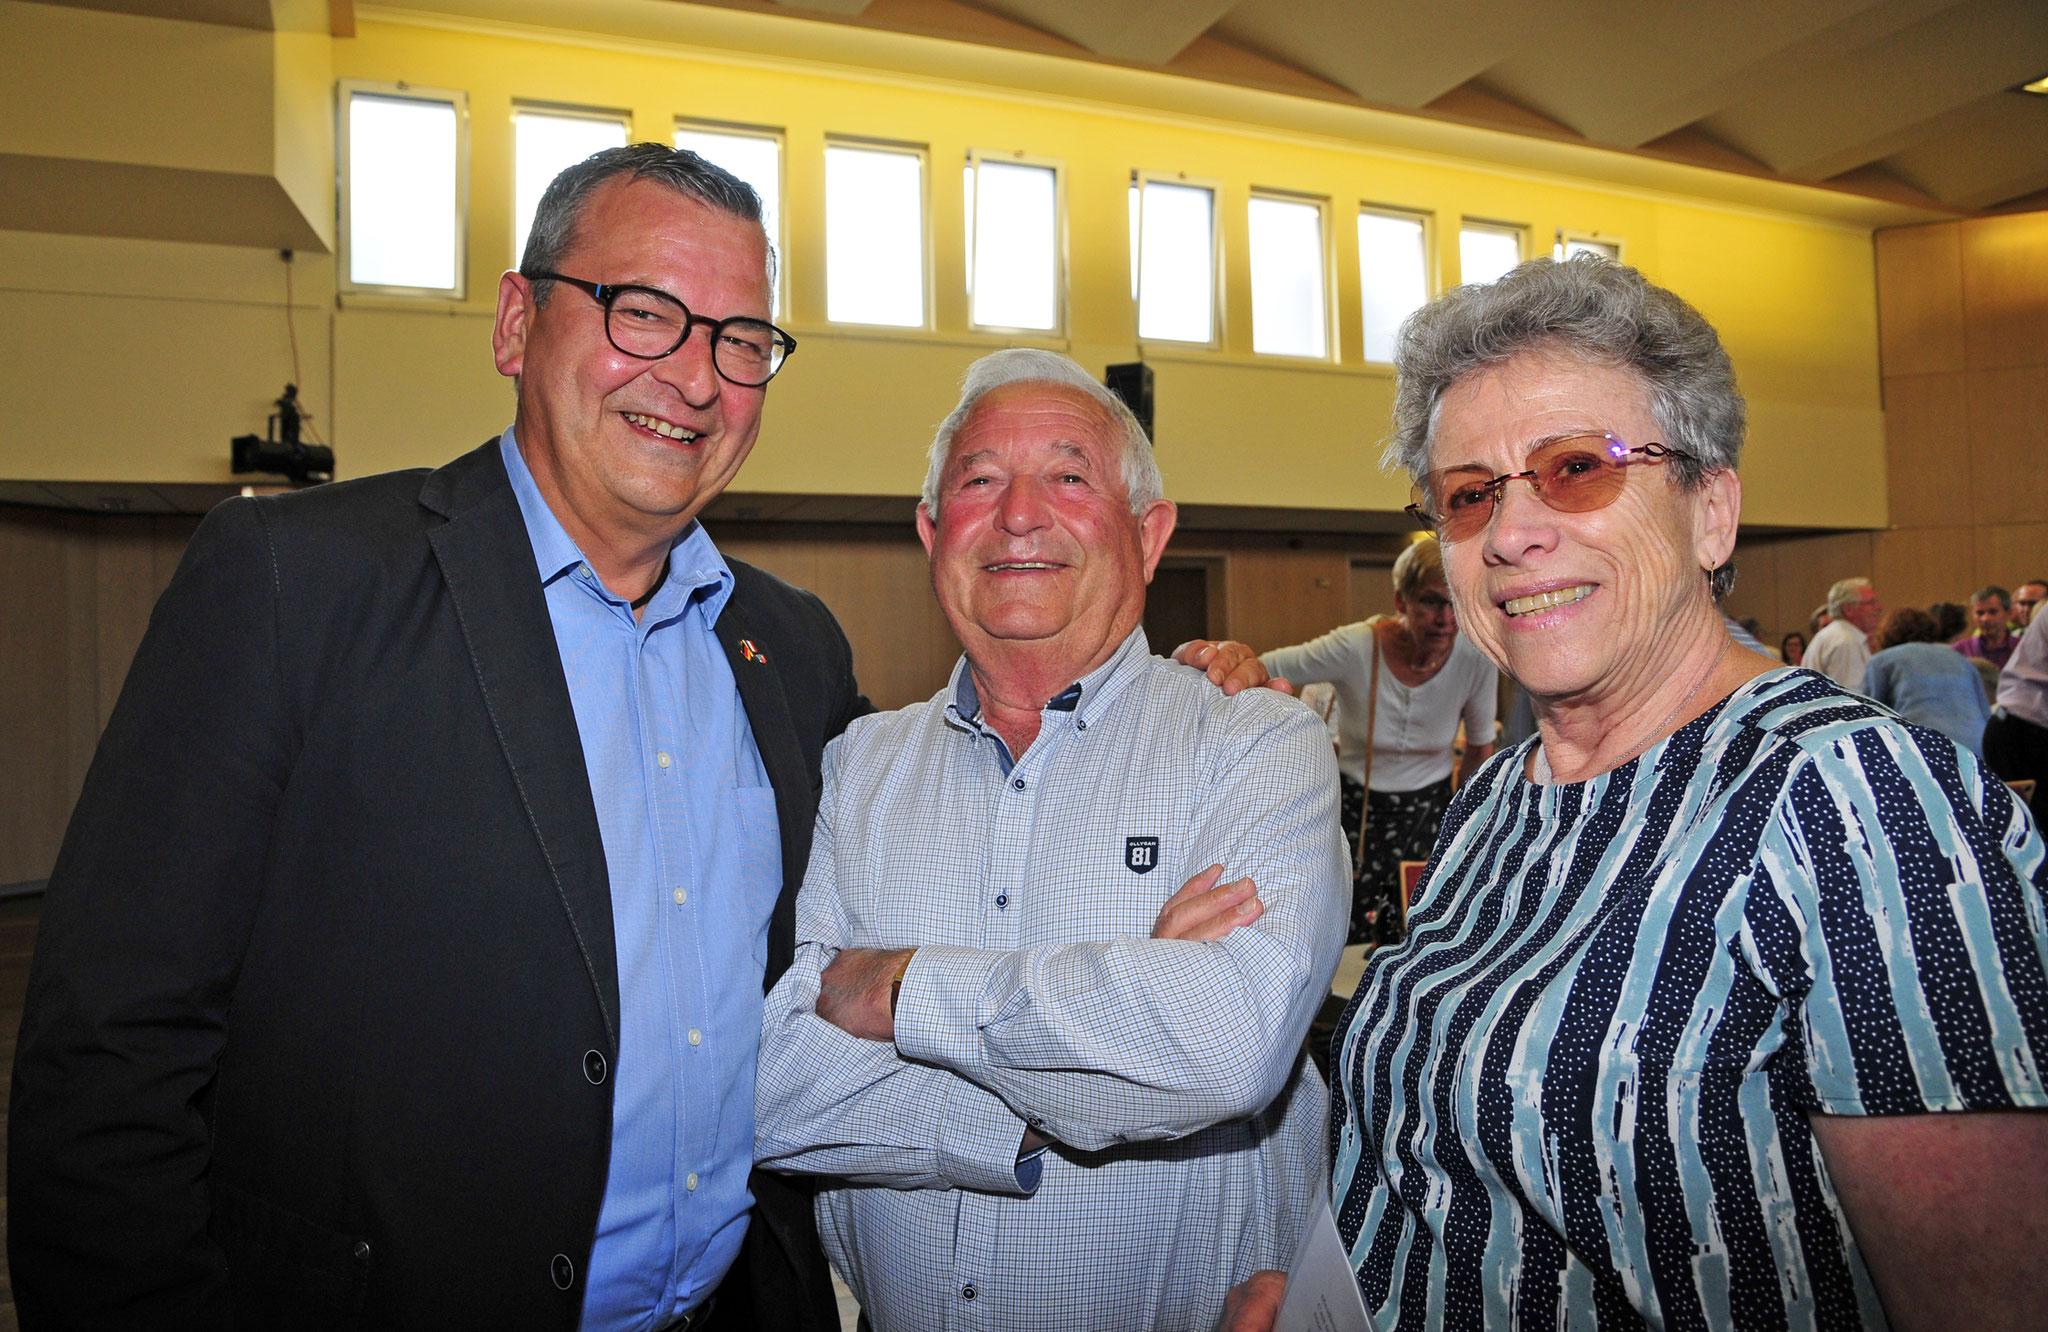 Bürgermeister Jürgen Hoffmann, Maire Michel Touraine & Gattin Annie Touraine  © Karin Klemt